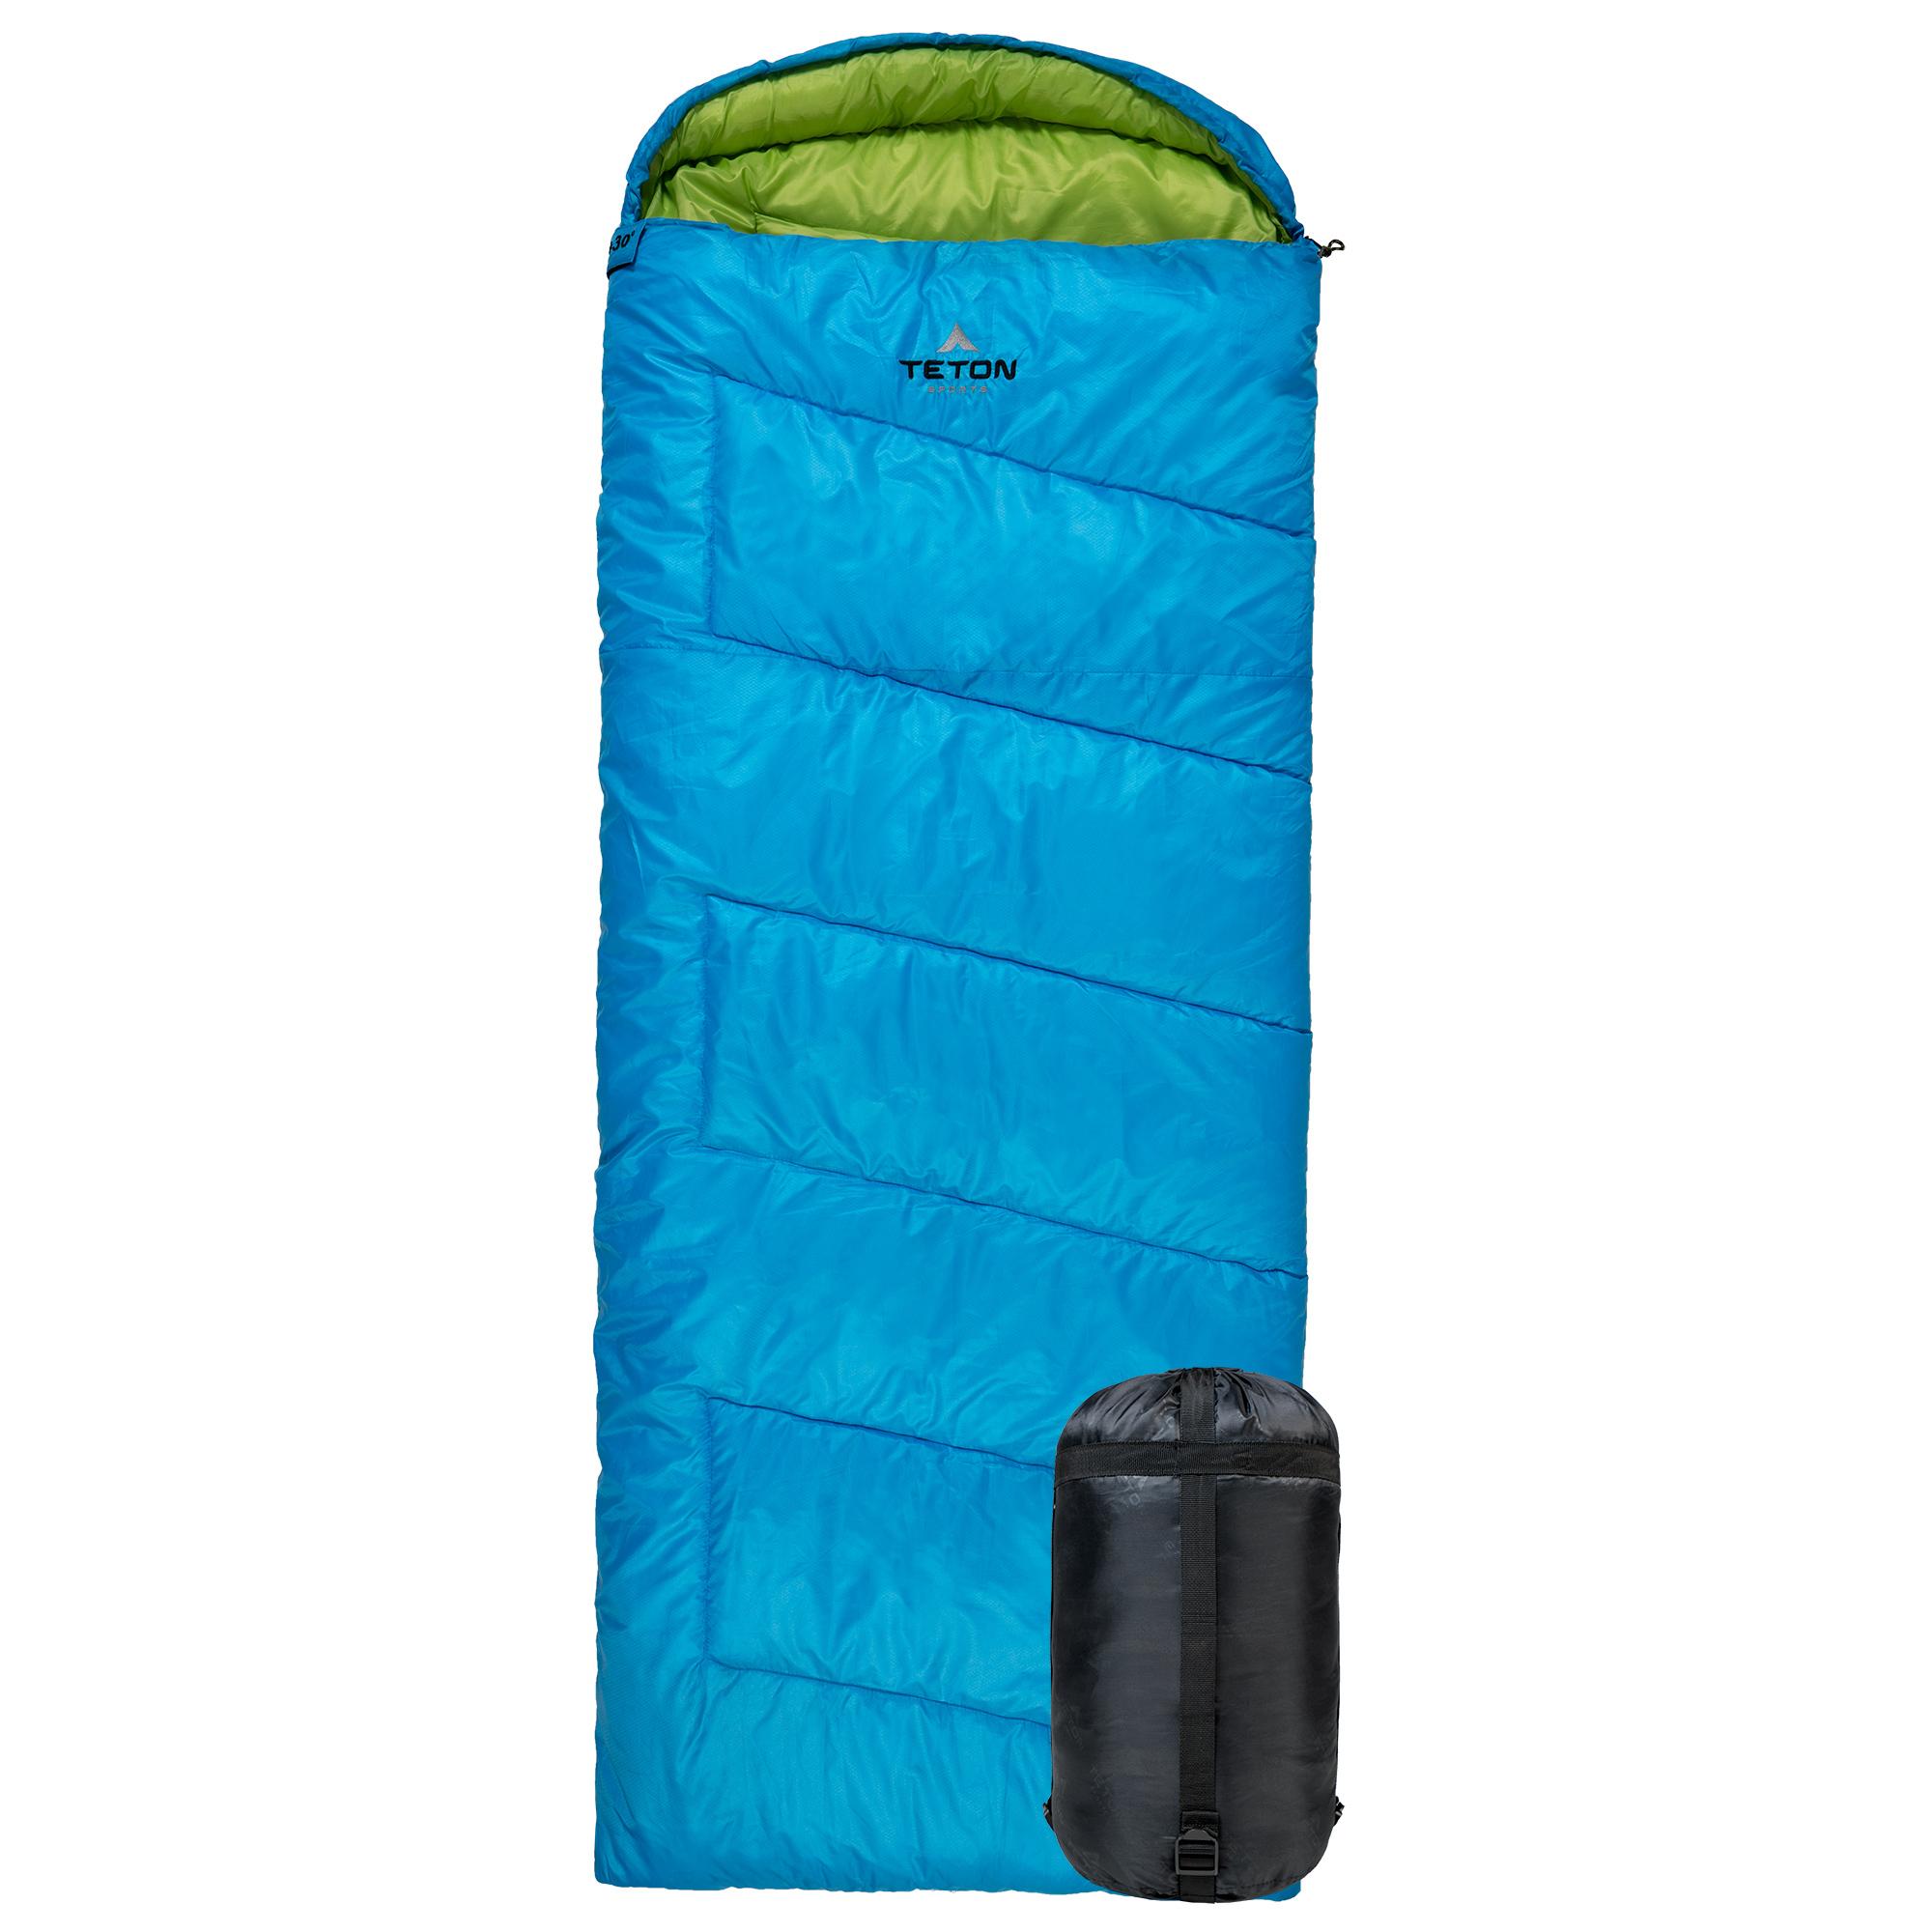 TETON Sports Cobalt 20 Degrees Rectangular Sleeping Bag